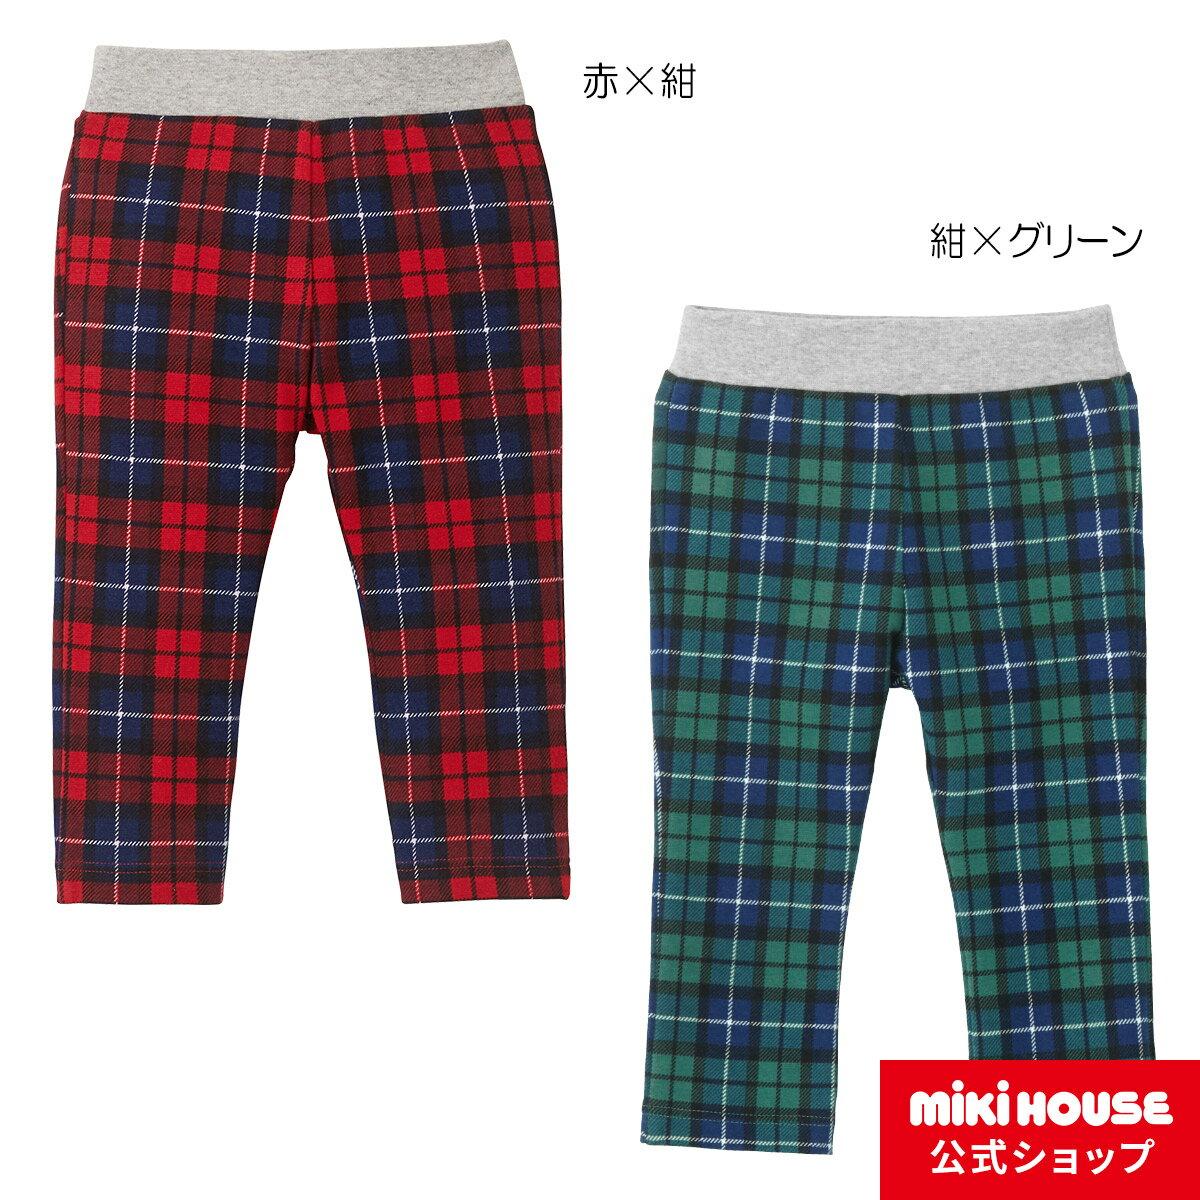 ミキハウス mikihouse Every Day mikihouse 総柄プリントパンツ(80cm-130cm)